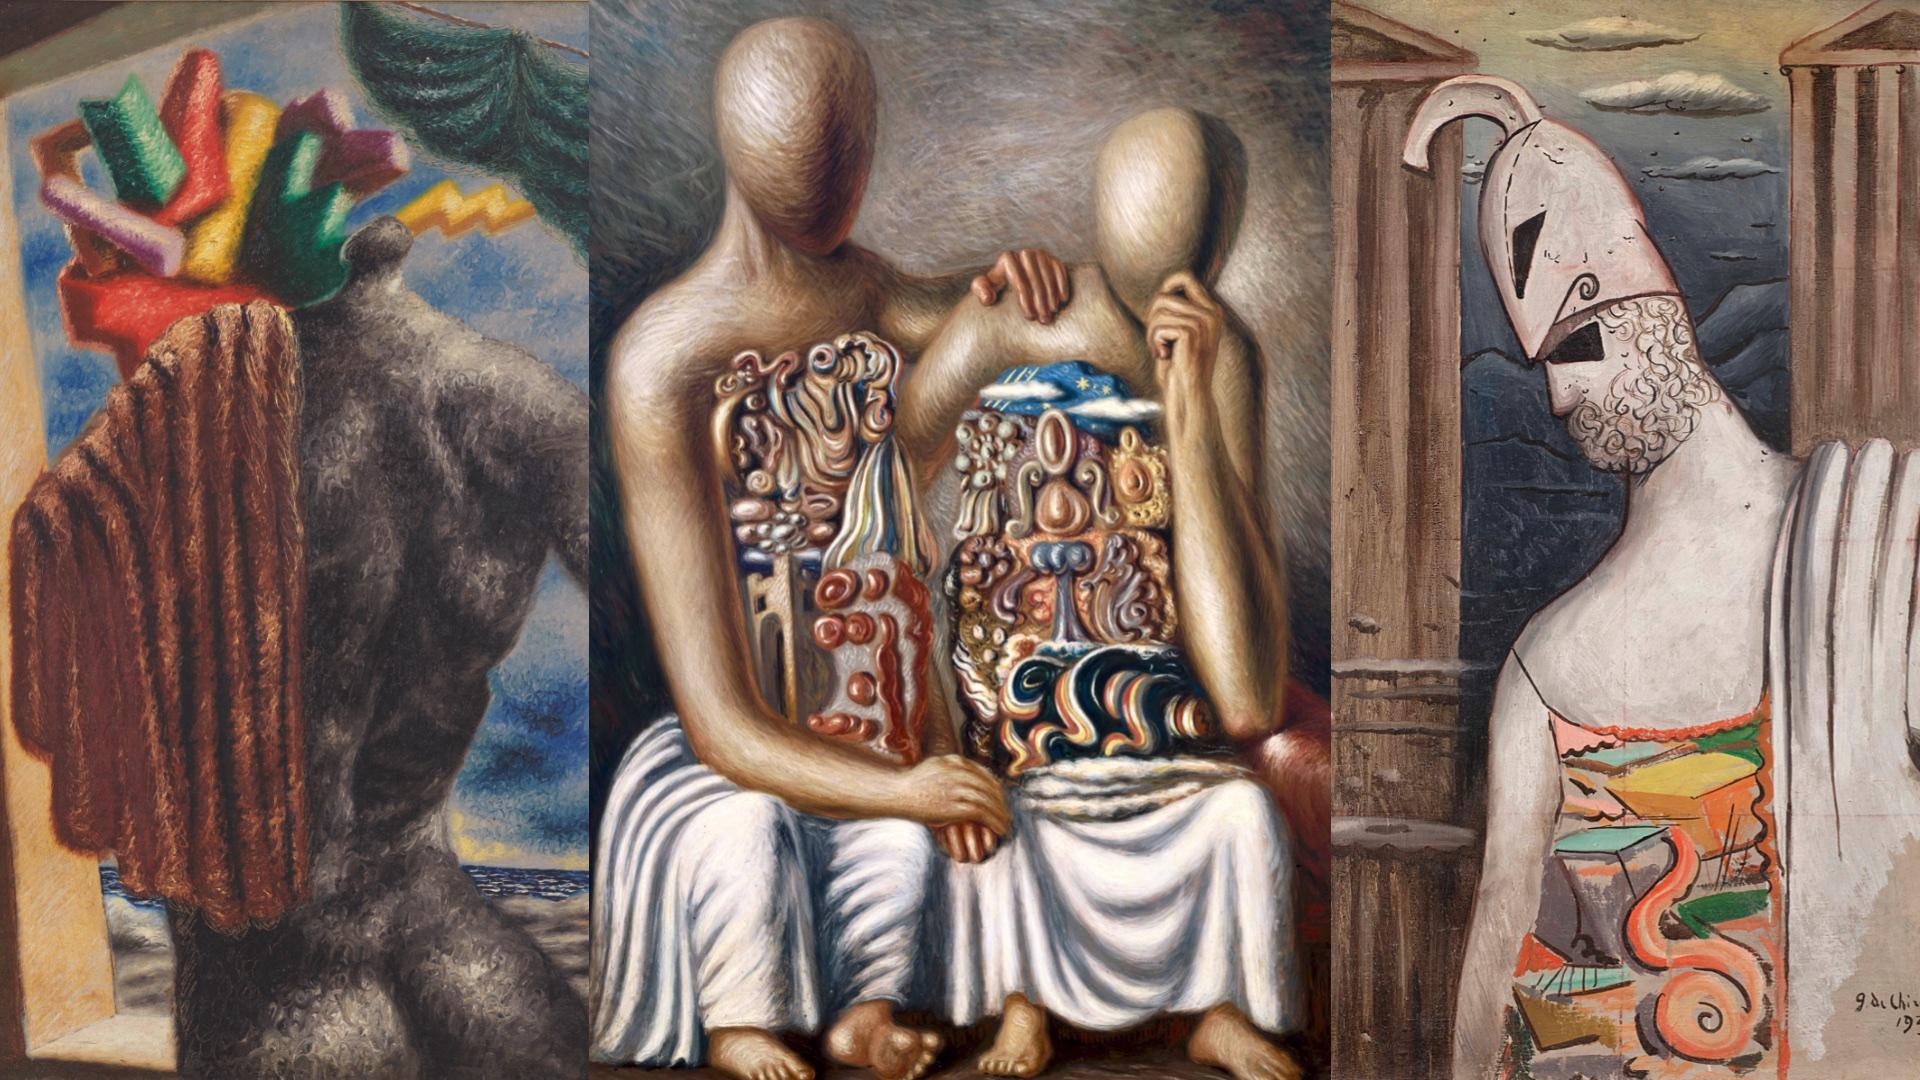 Magnani Rocca, Alberto Savinio, Giorgio de Chirico, Savinio & de Chirico; Parma; metafisica, Una mitologia moderna